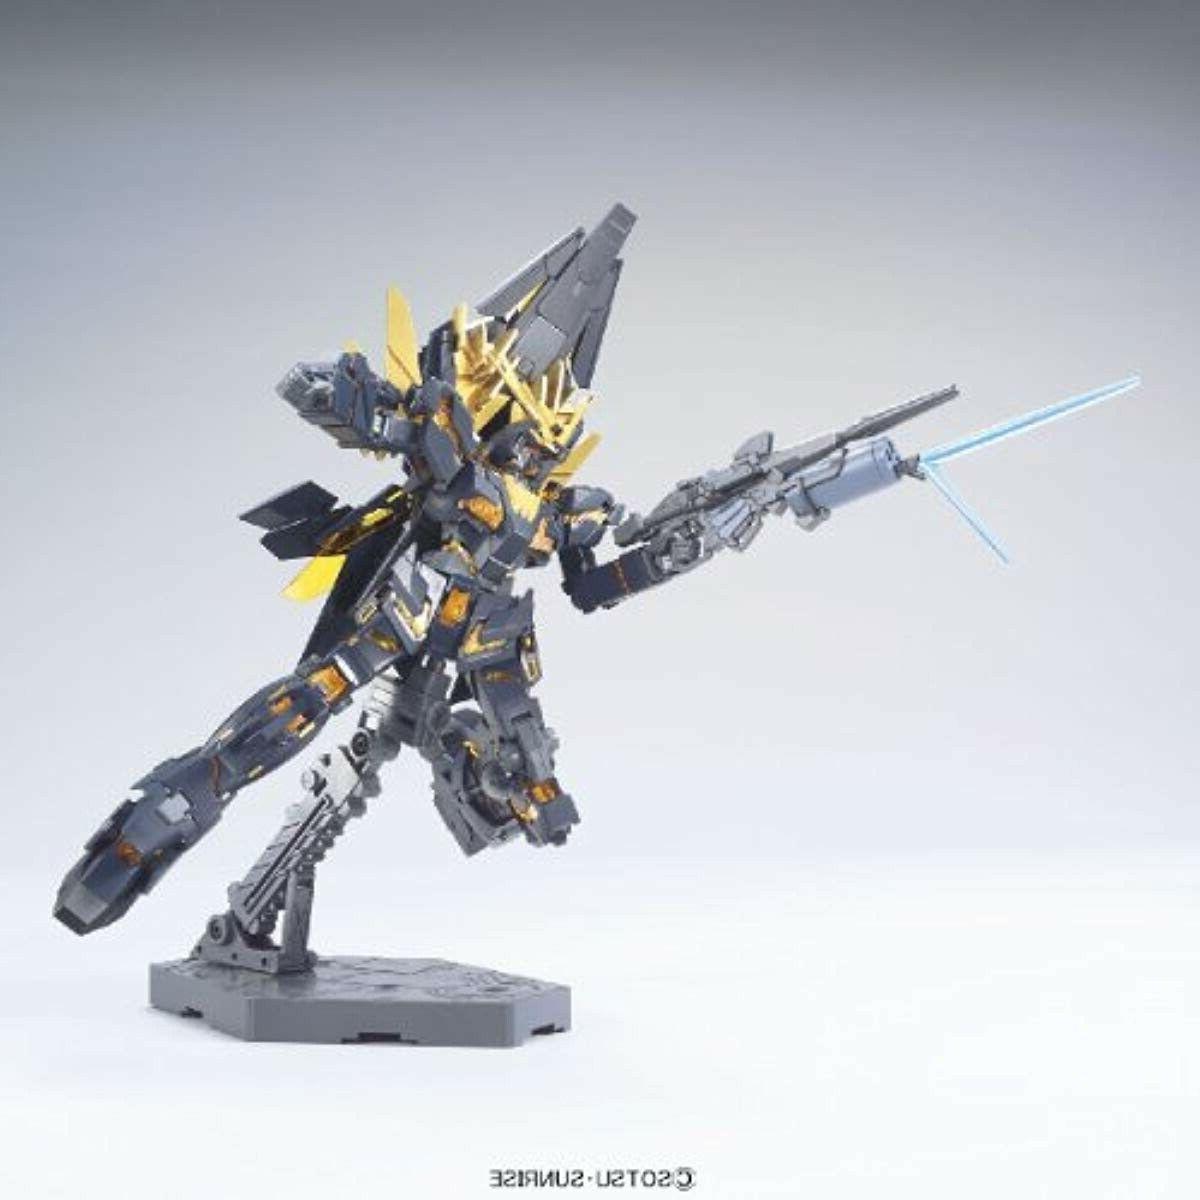 Bandai Hobby HGUC 175 02 Gundam Kit